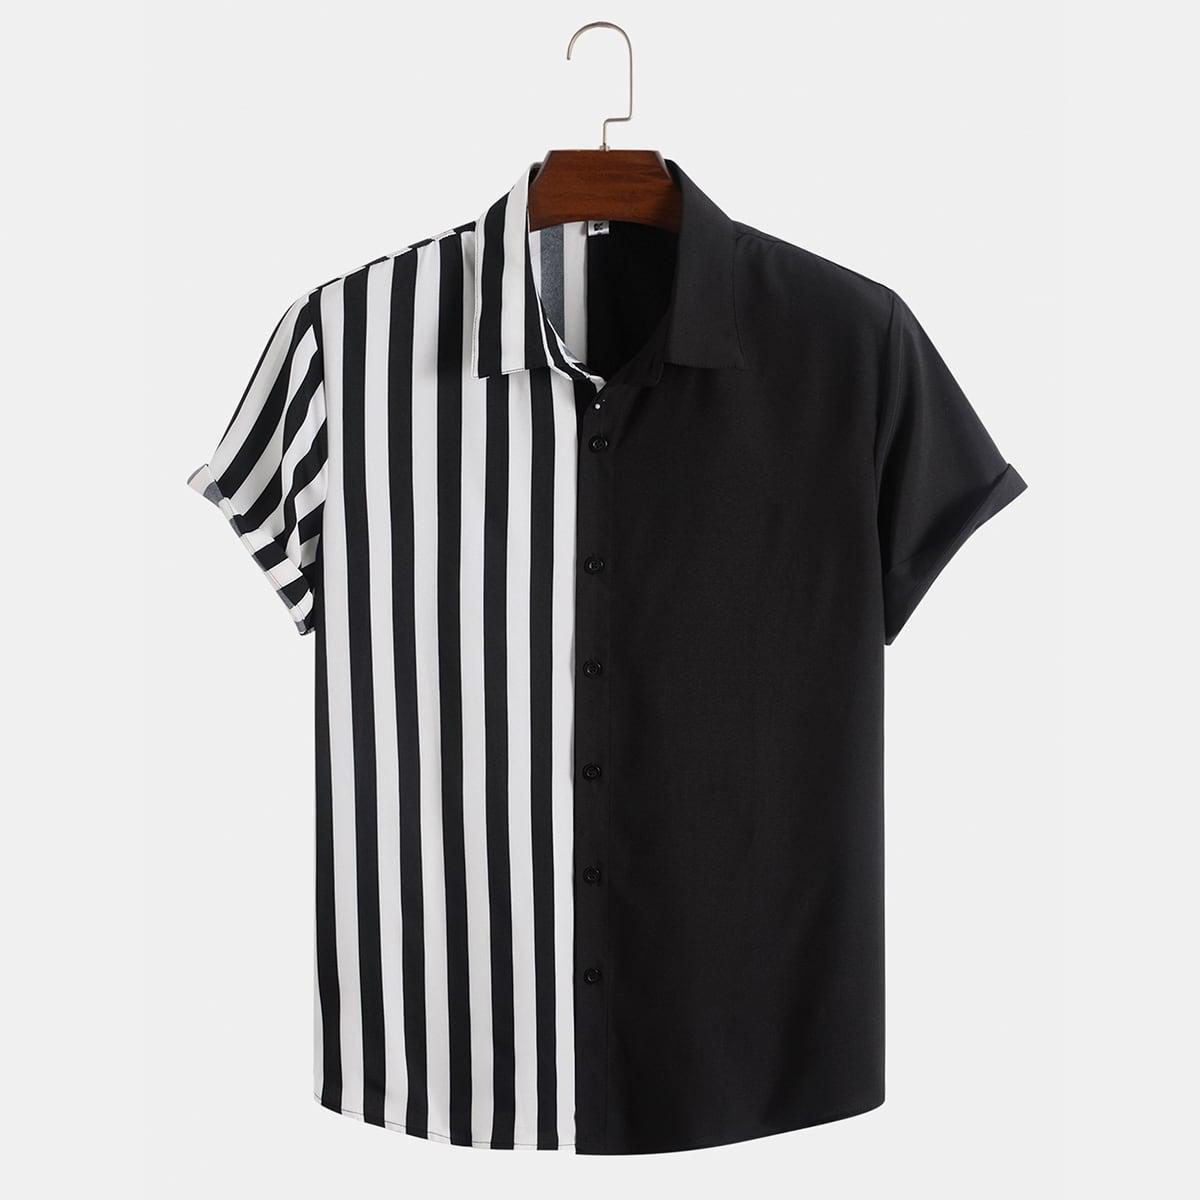 Мужская рубашка в полоску SheIn sm2106237222113133